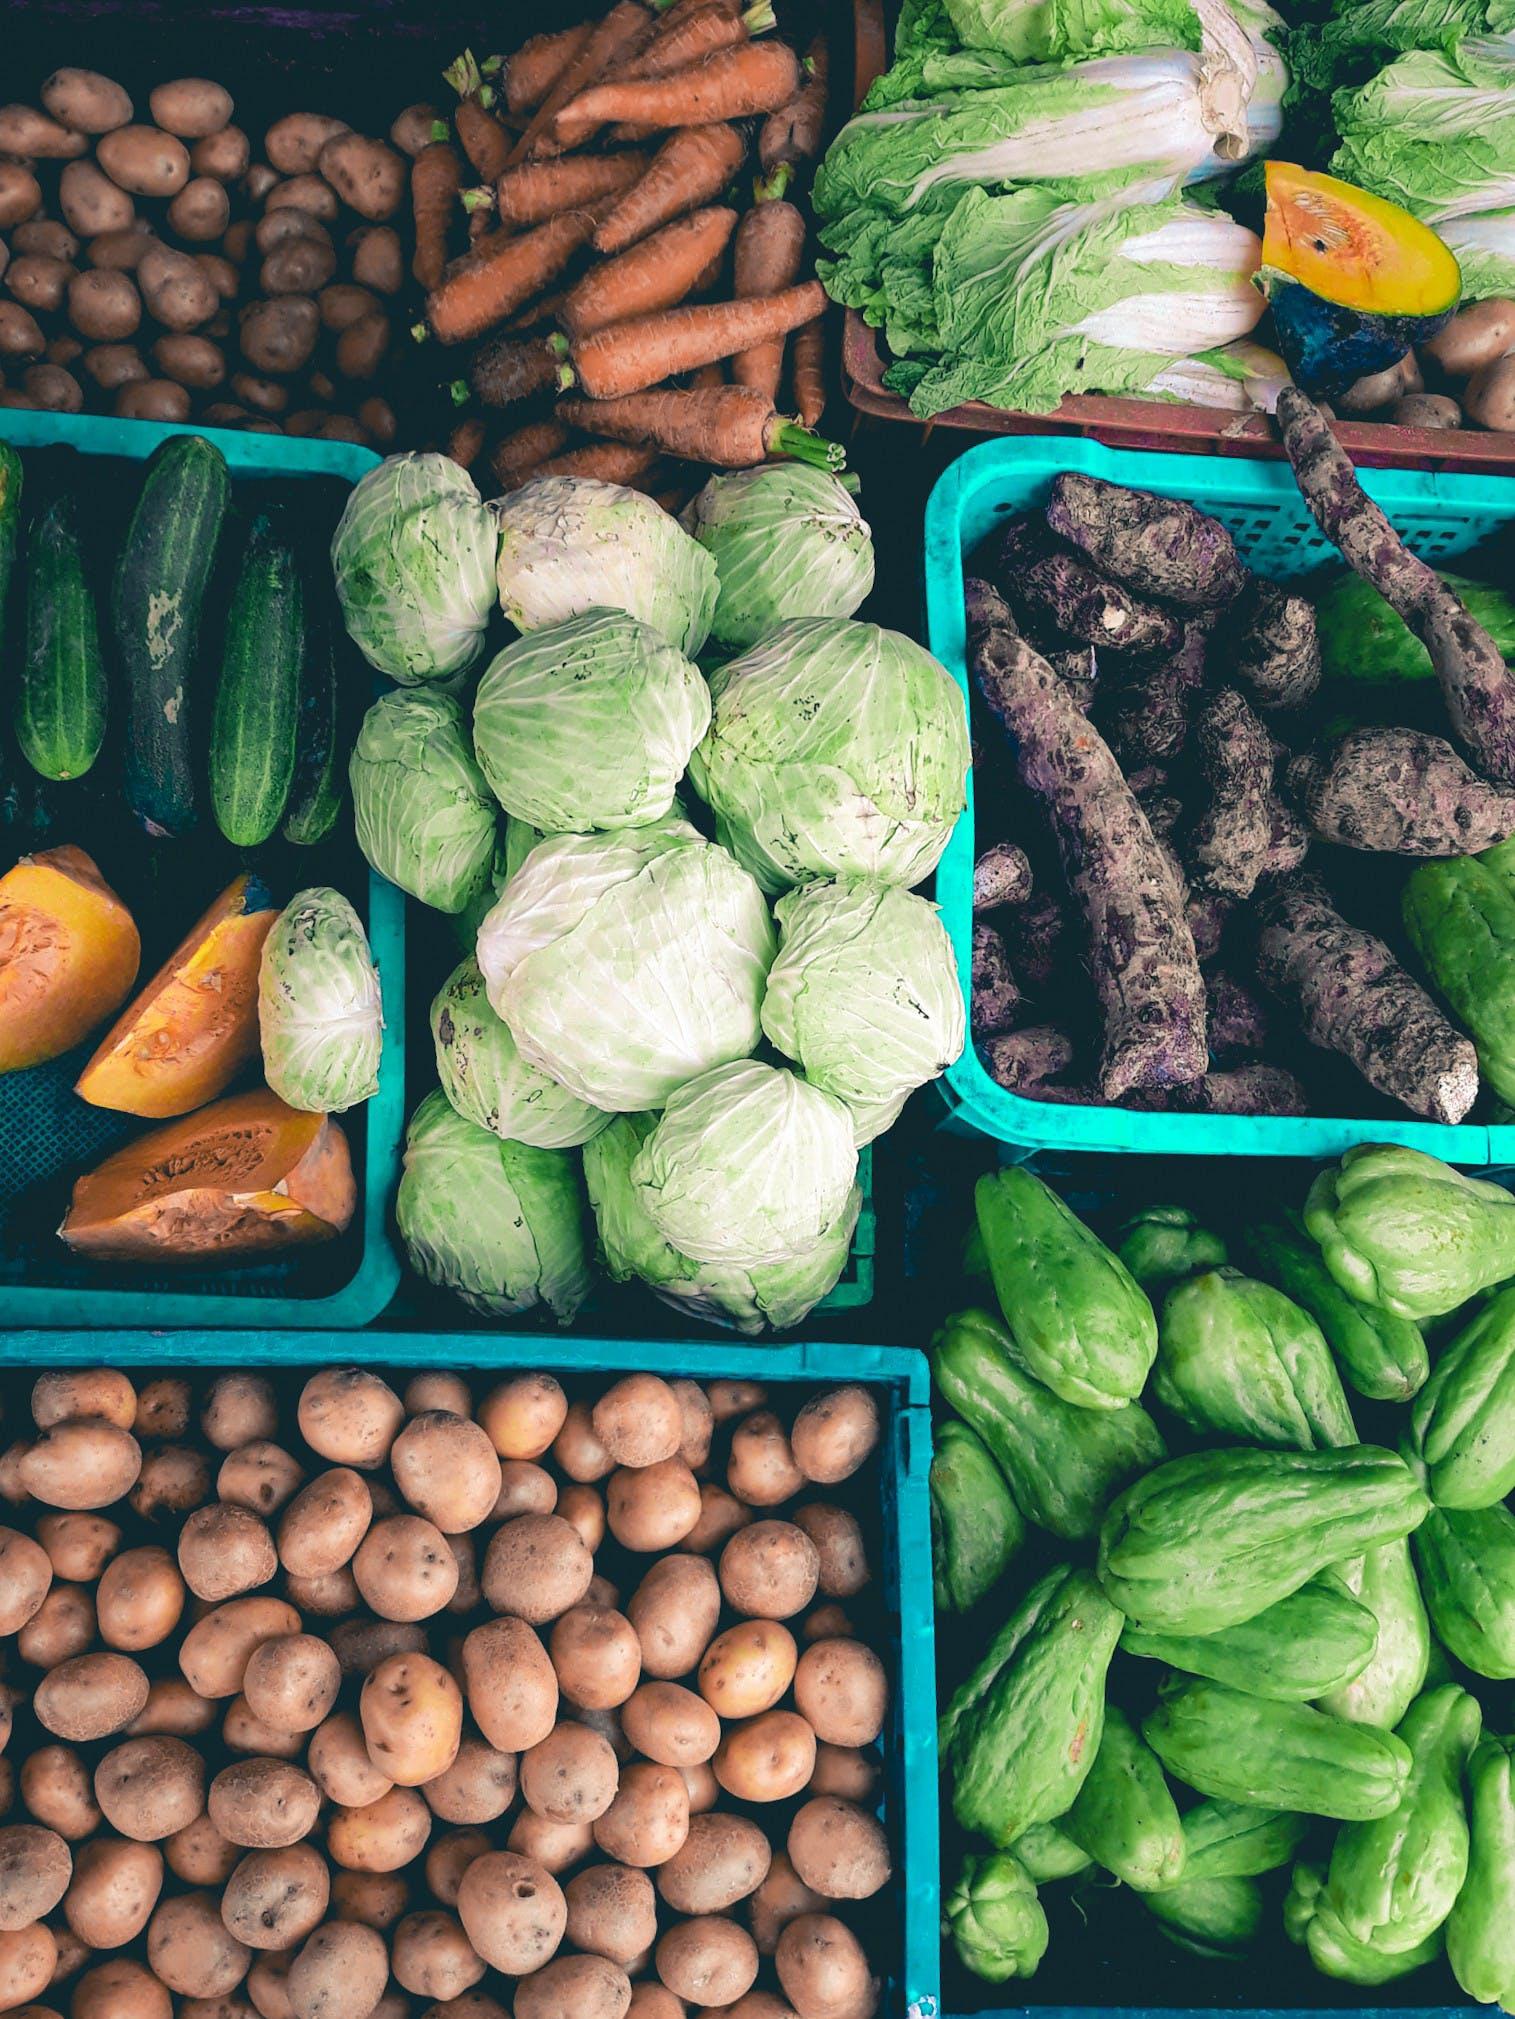 Varieties of Vegetable in Baskets